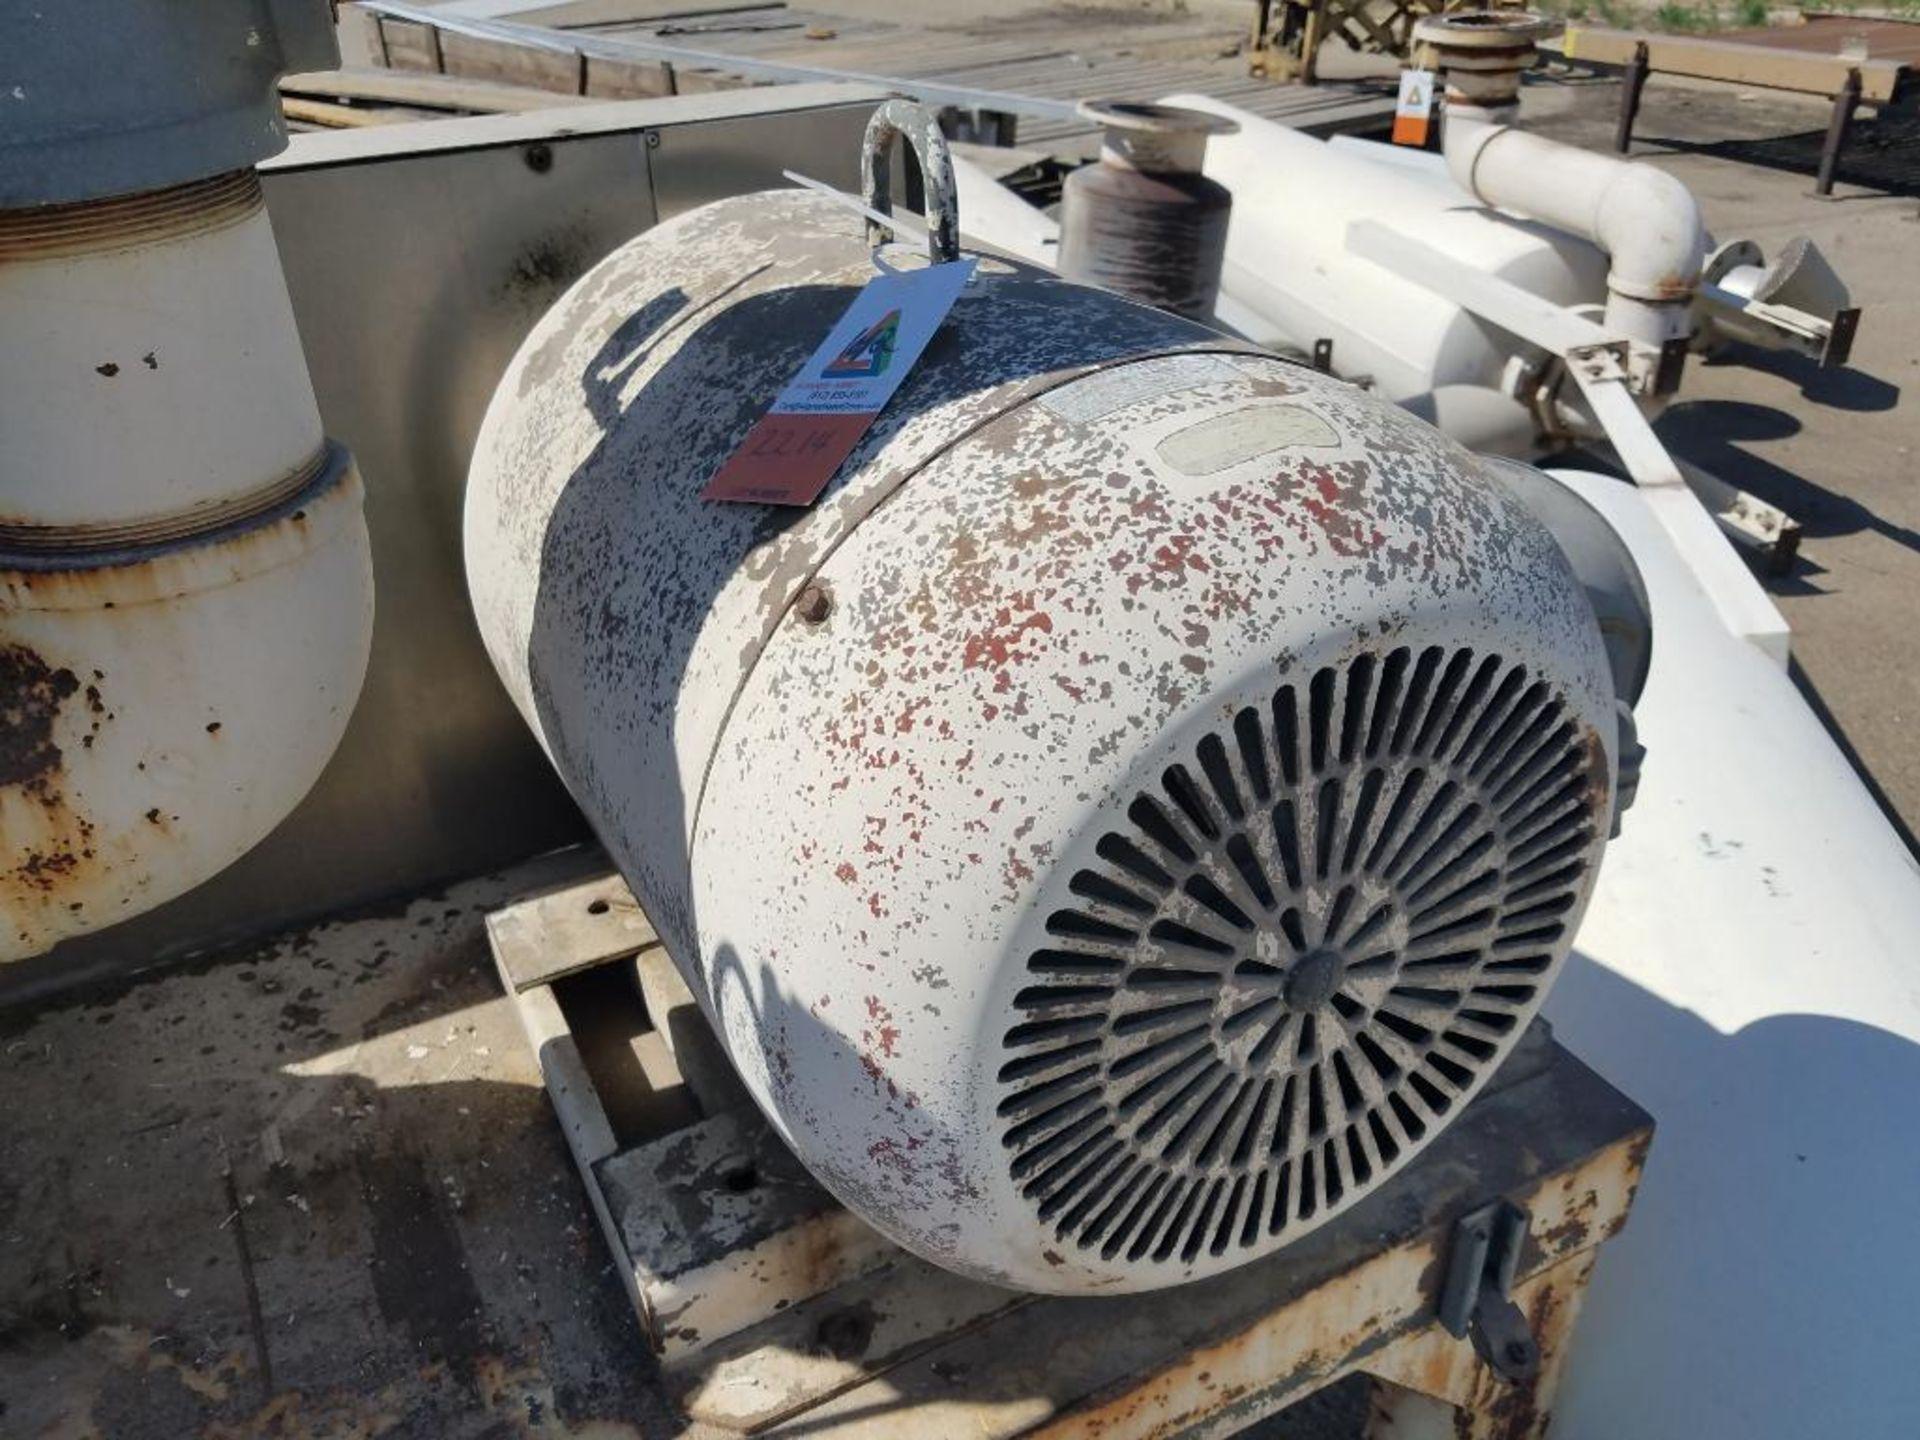 Gardner Denver Duroflow rotary positive blower - Image 4 of 7